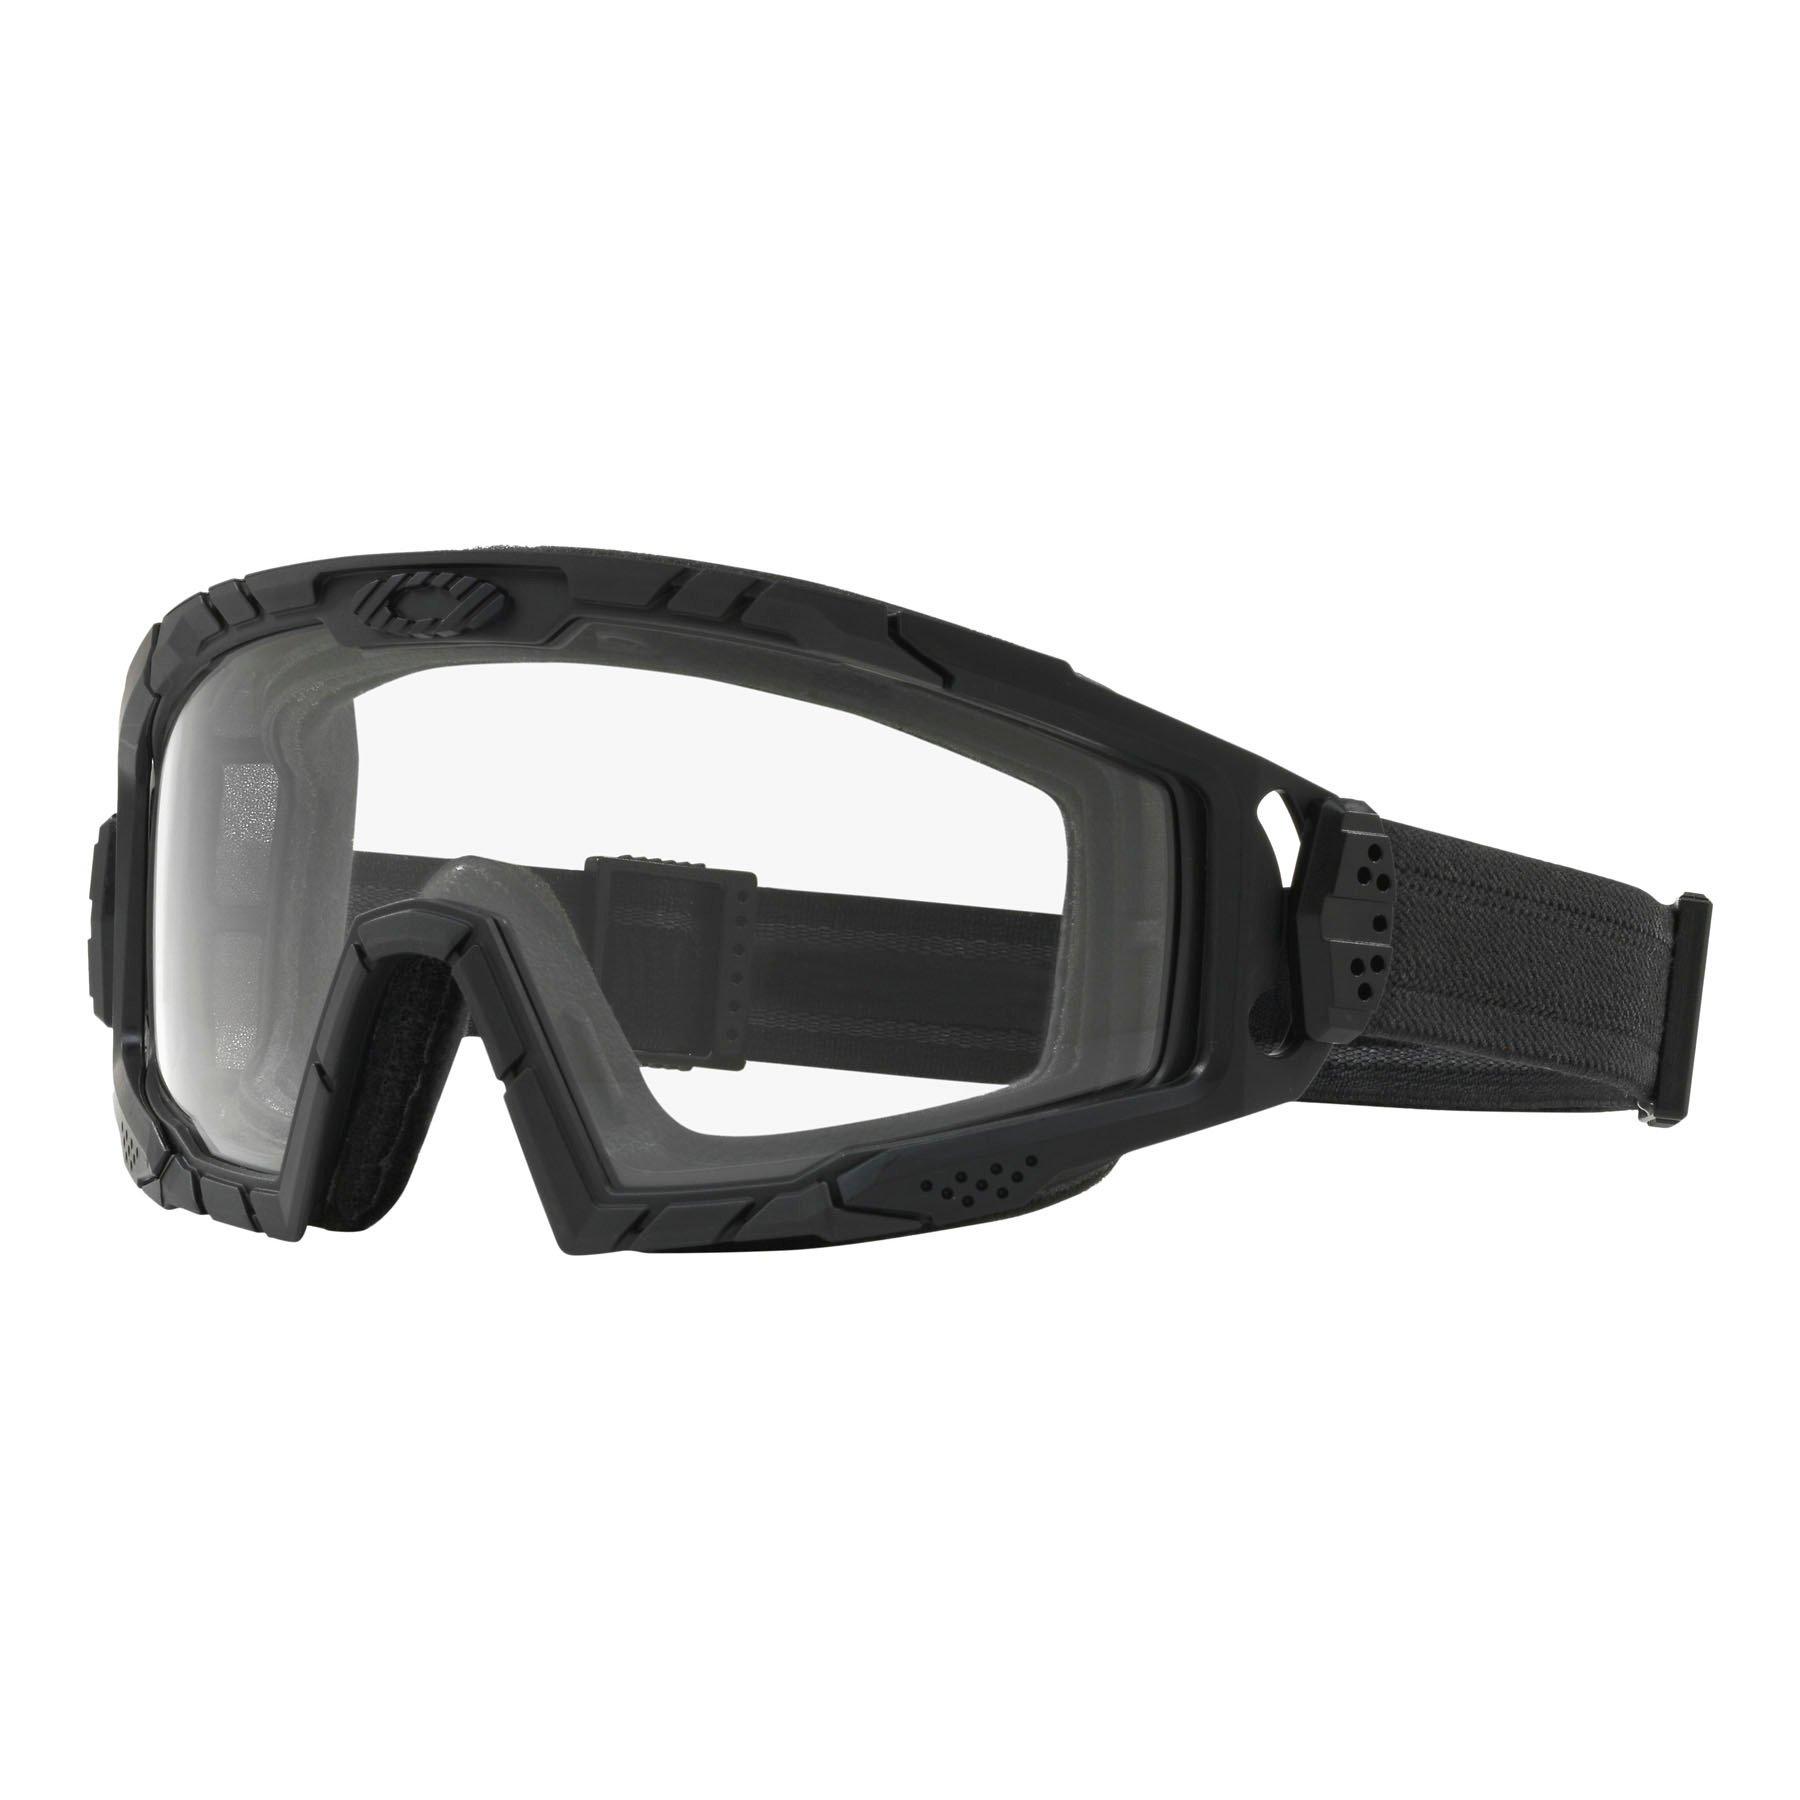 de6b5cbd00 Oakley SI Ballistic Goggle 2.0